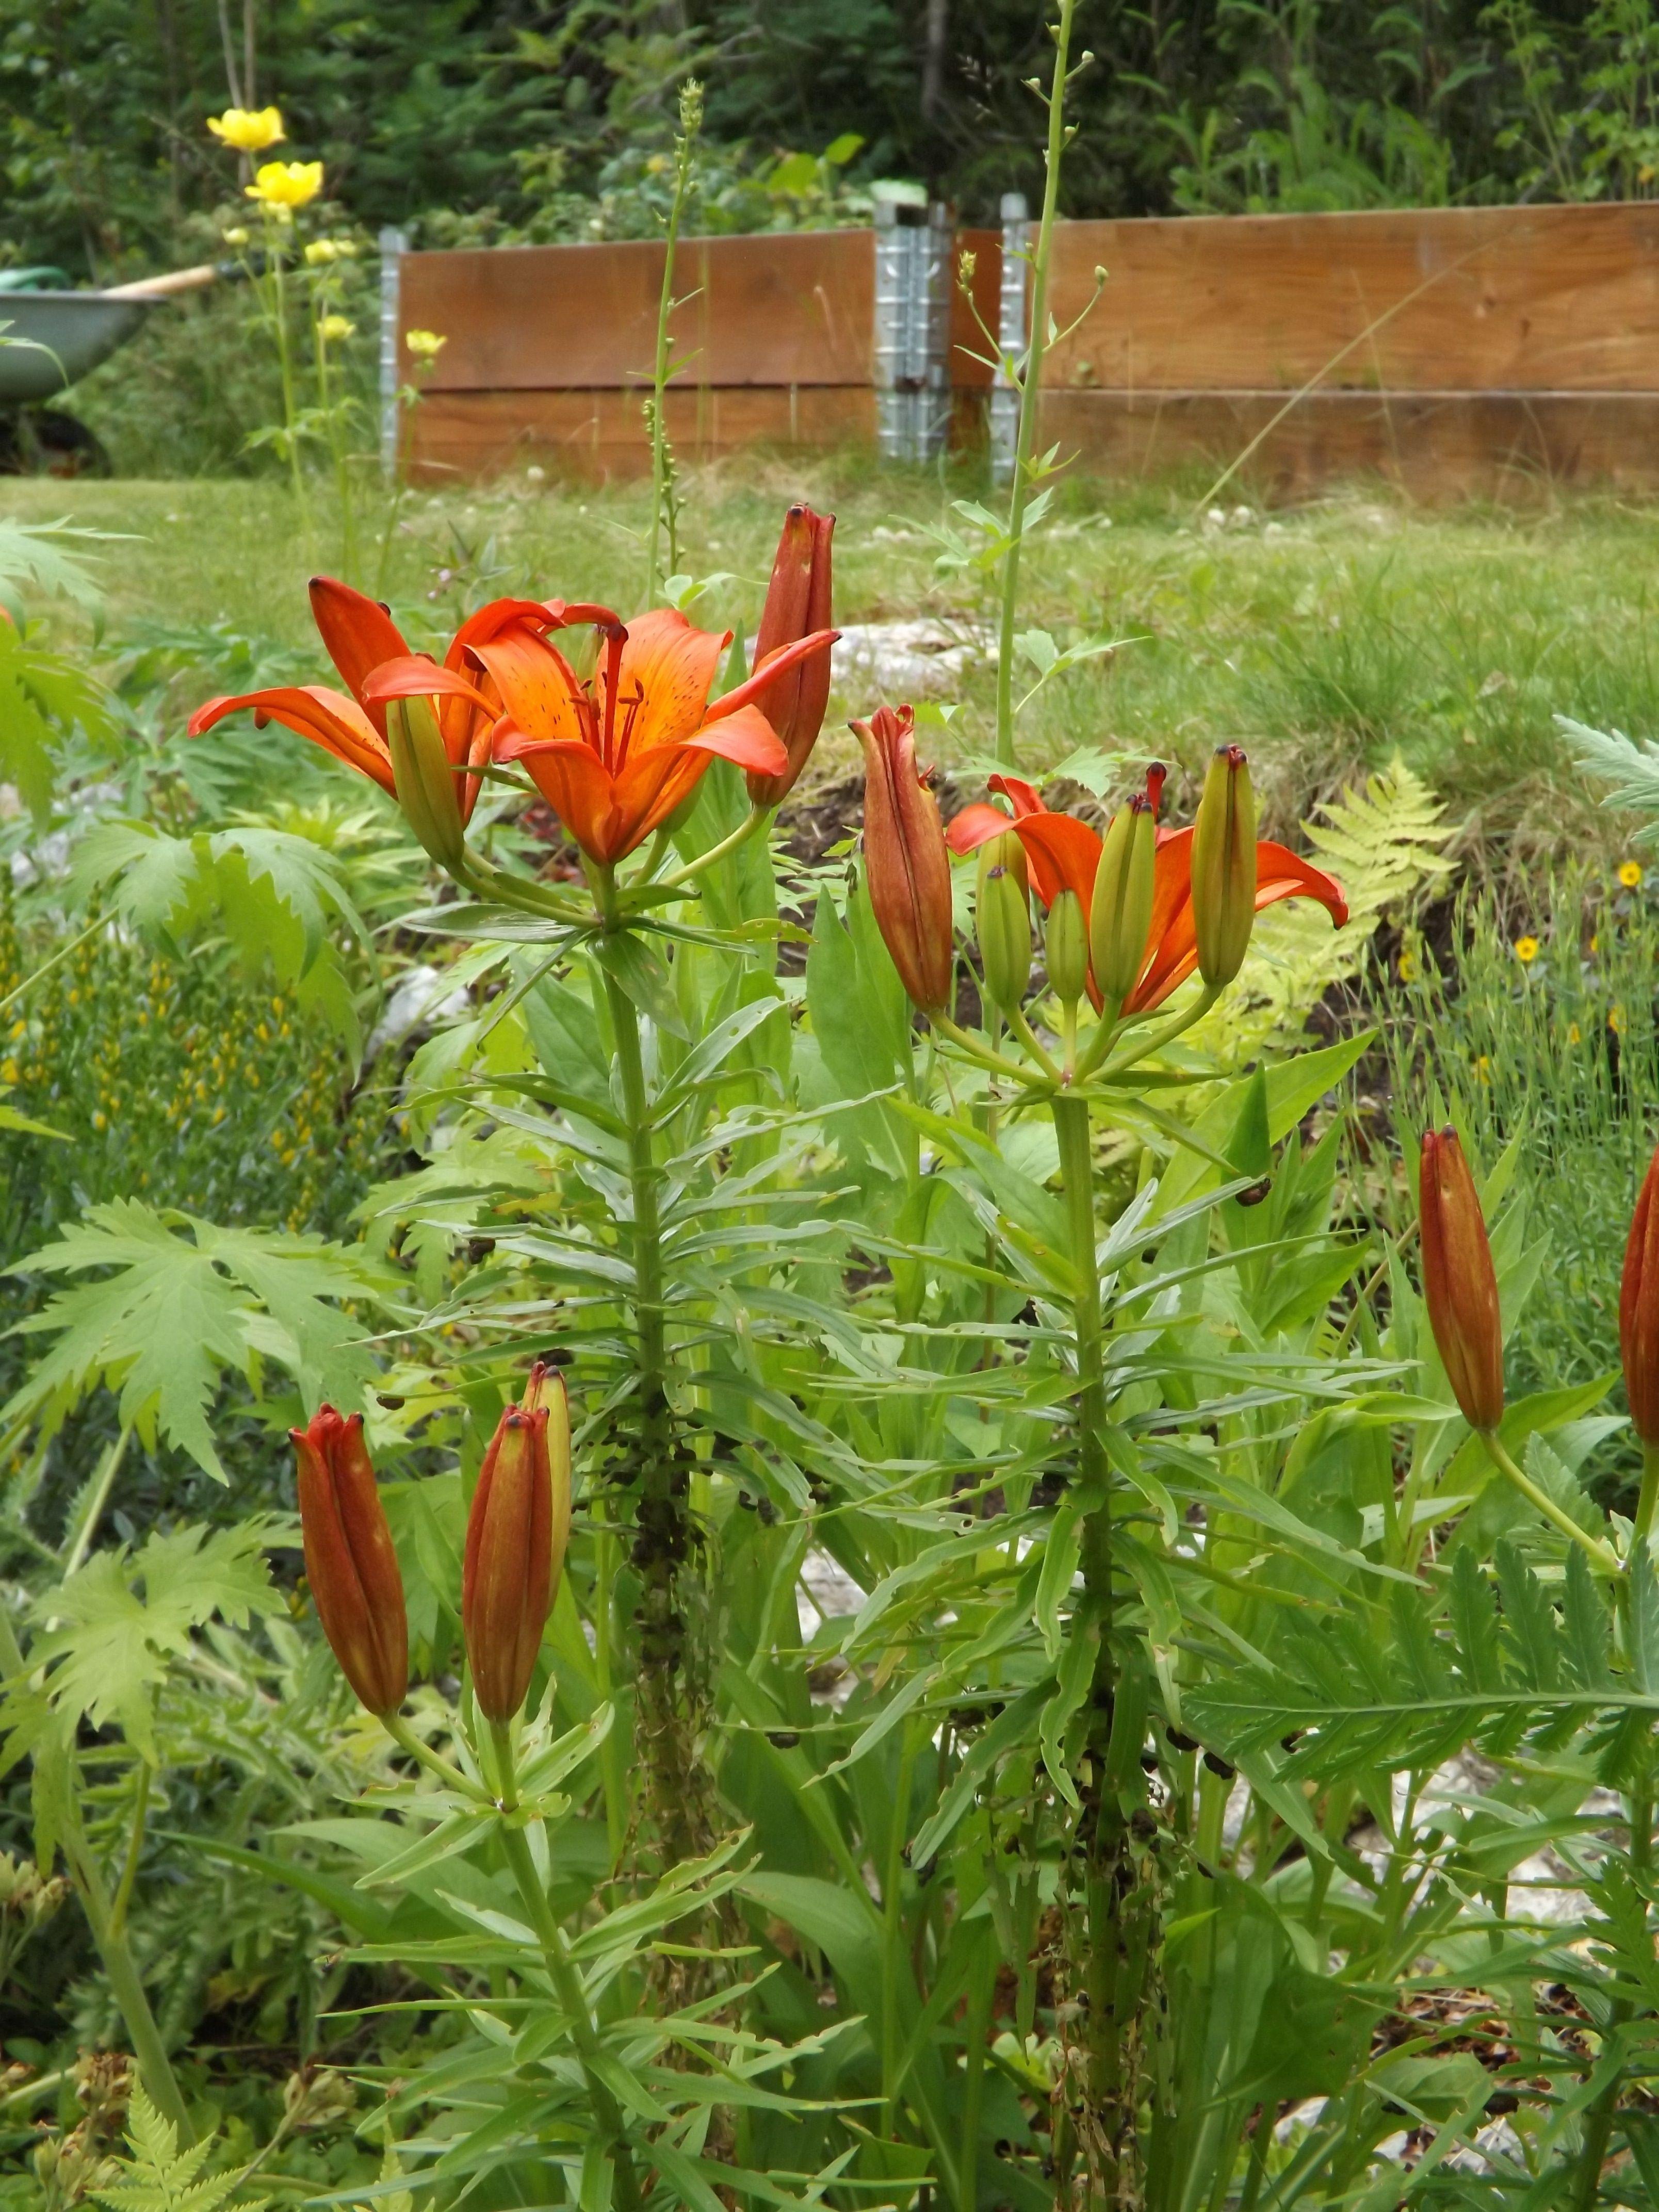 Nå i de siste dagene har keiserkronene begynt å blomstre for fullt ute i hagen min. Eller, det er vel rettere å si at det er brannliljene som har begynt å blomstre (lillium bulbiferum), for det er …